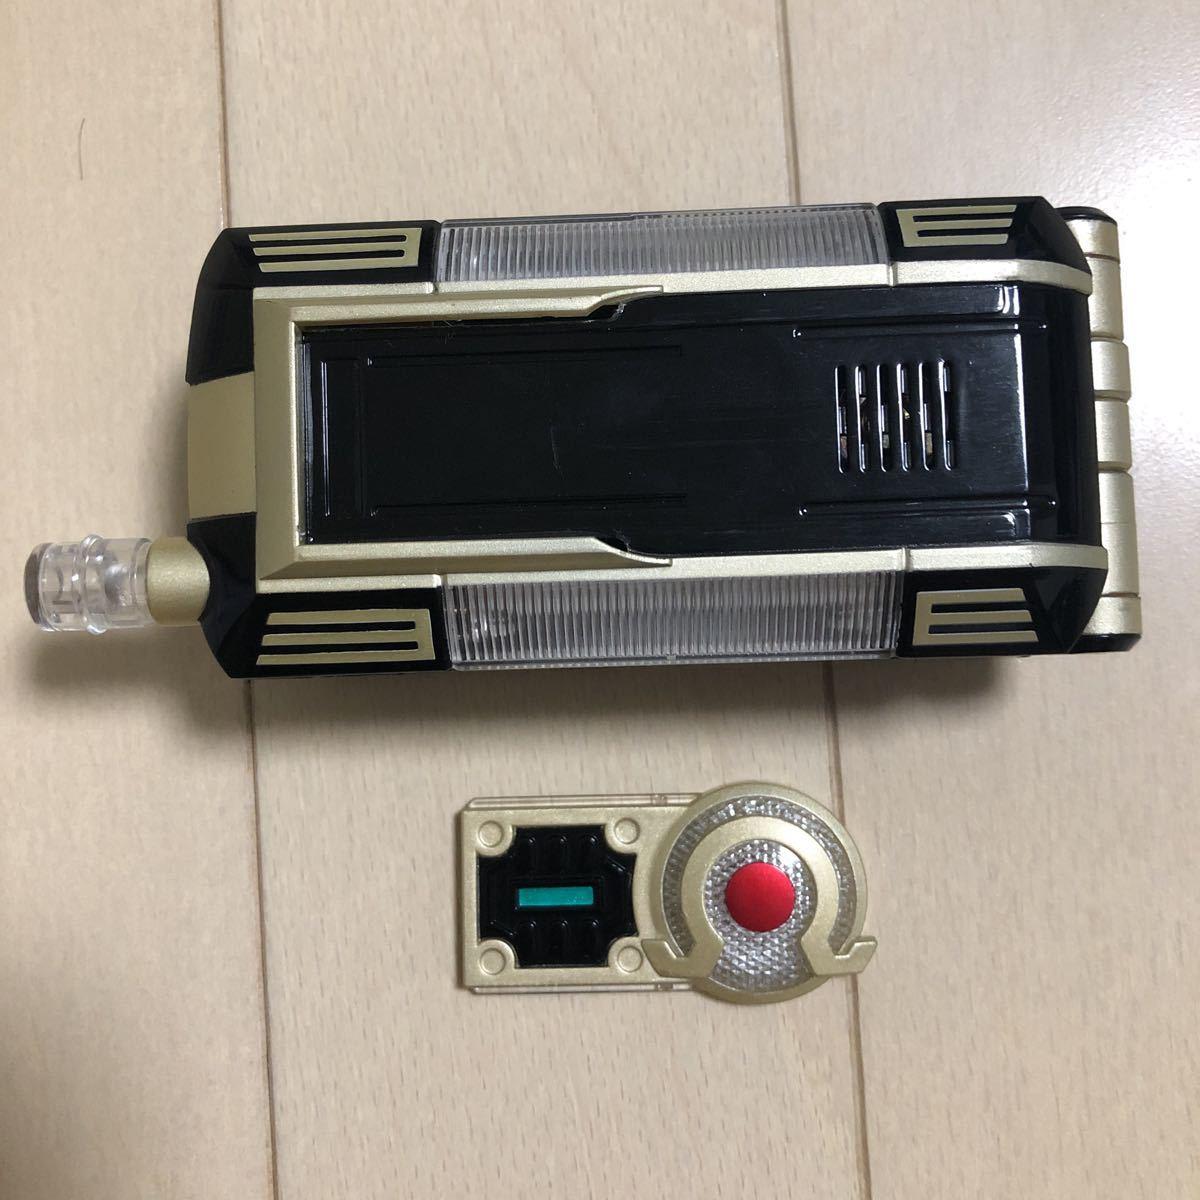 仮面ライダーファイズ 変身ベルト DXオーガドライバー トイザらス限定 555 バンダイ_画像4